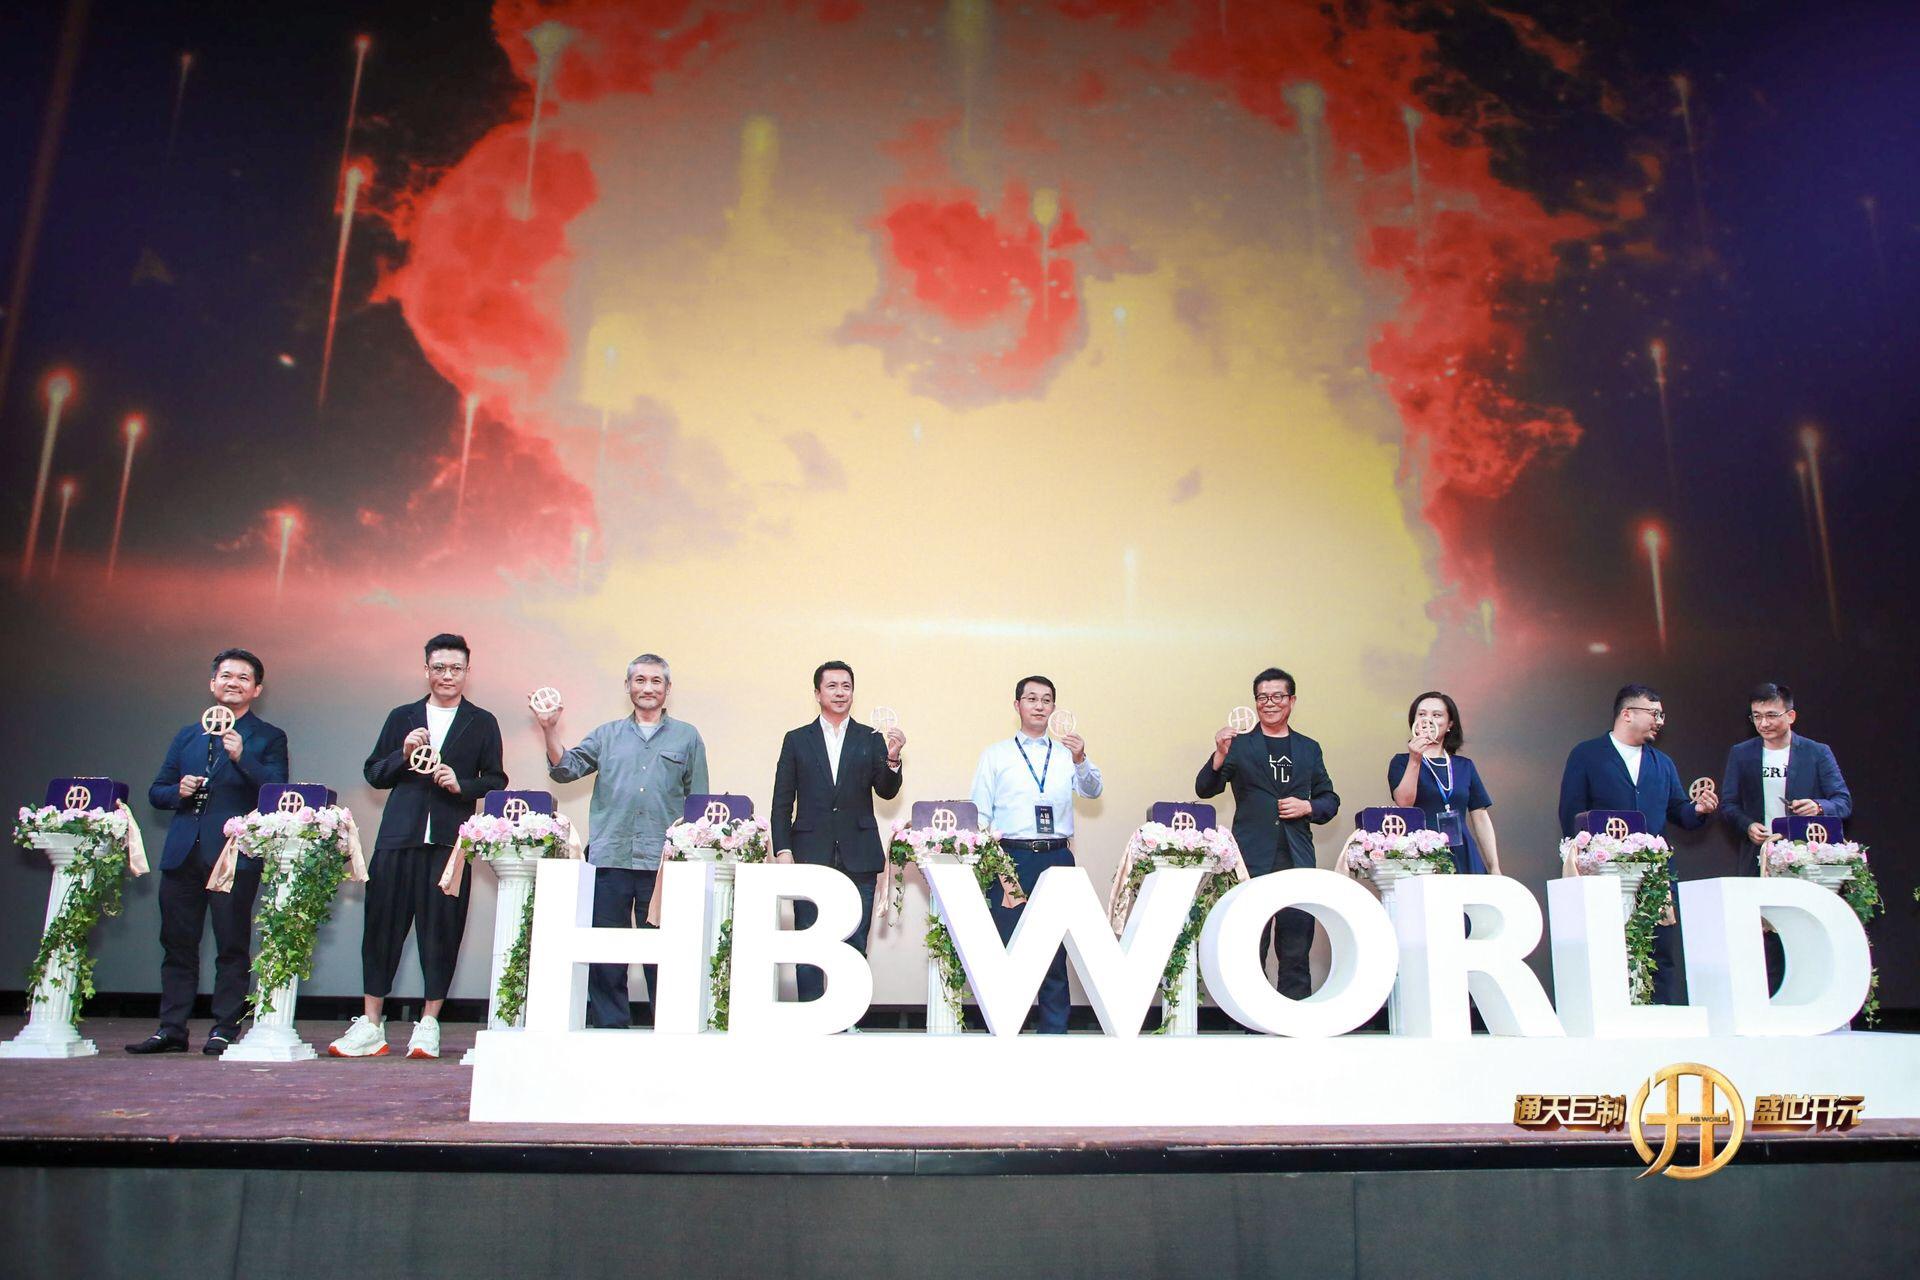 华谊兄弟电影世界(苏州)开园 沉浸式体验再造光影世界